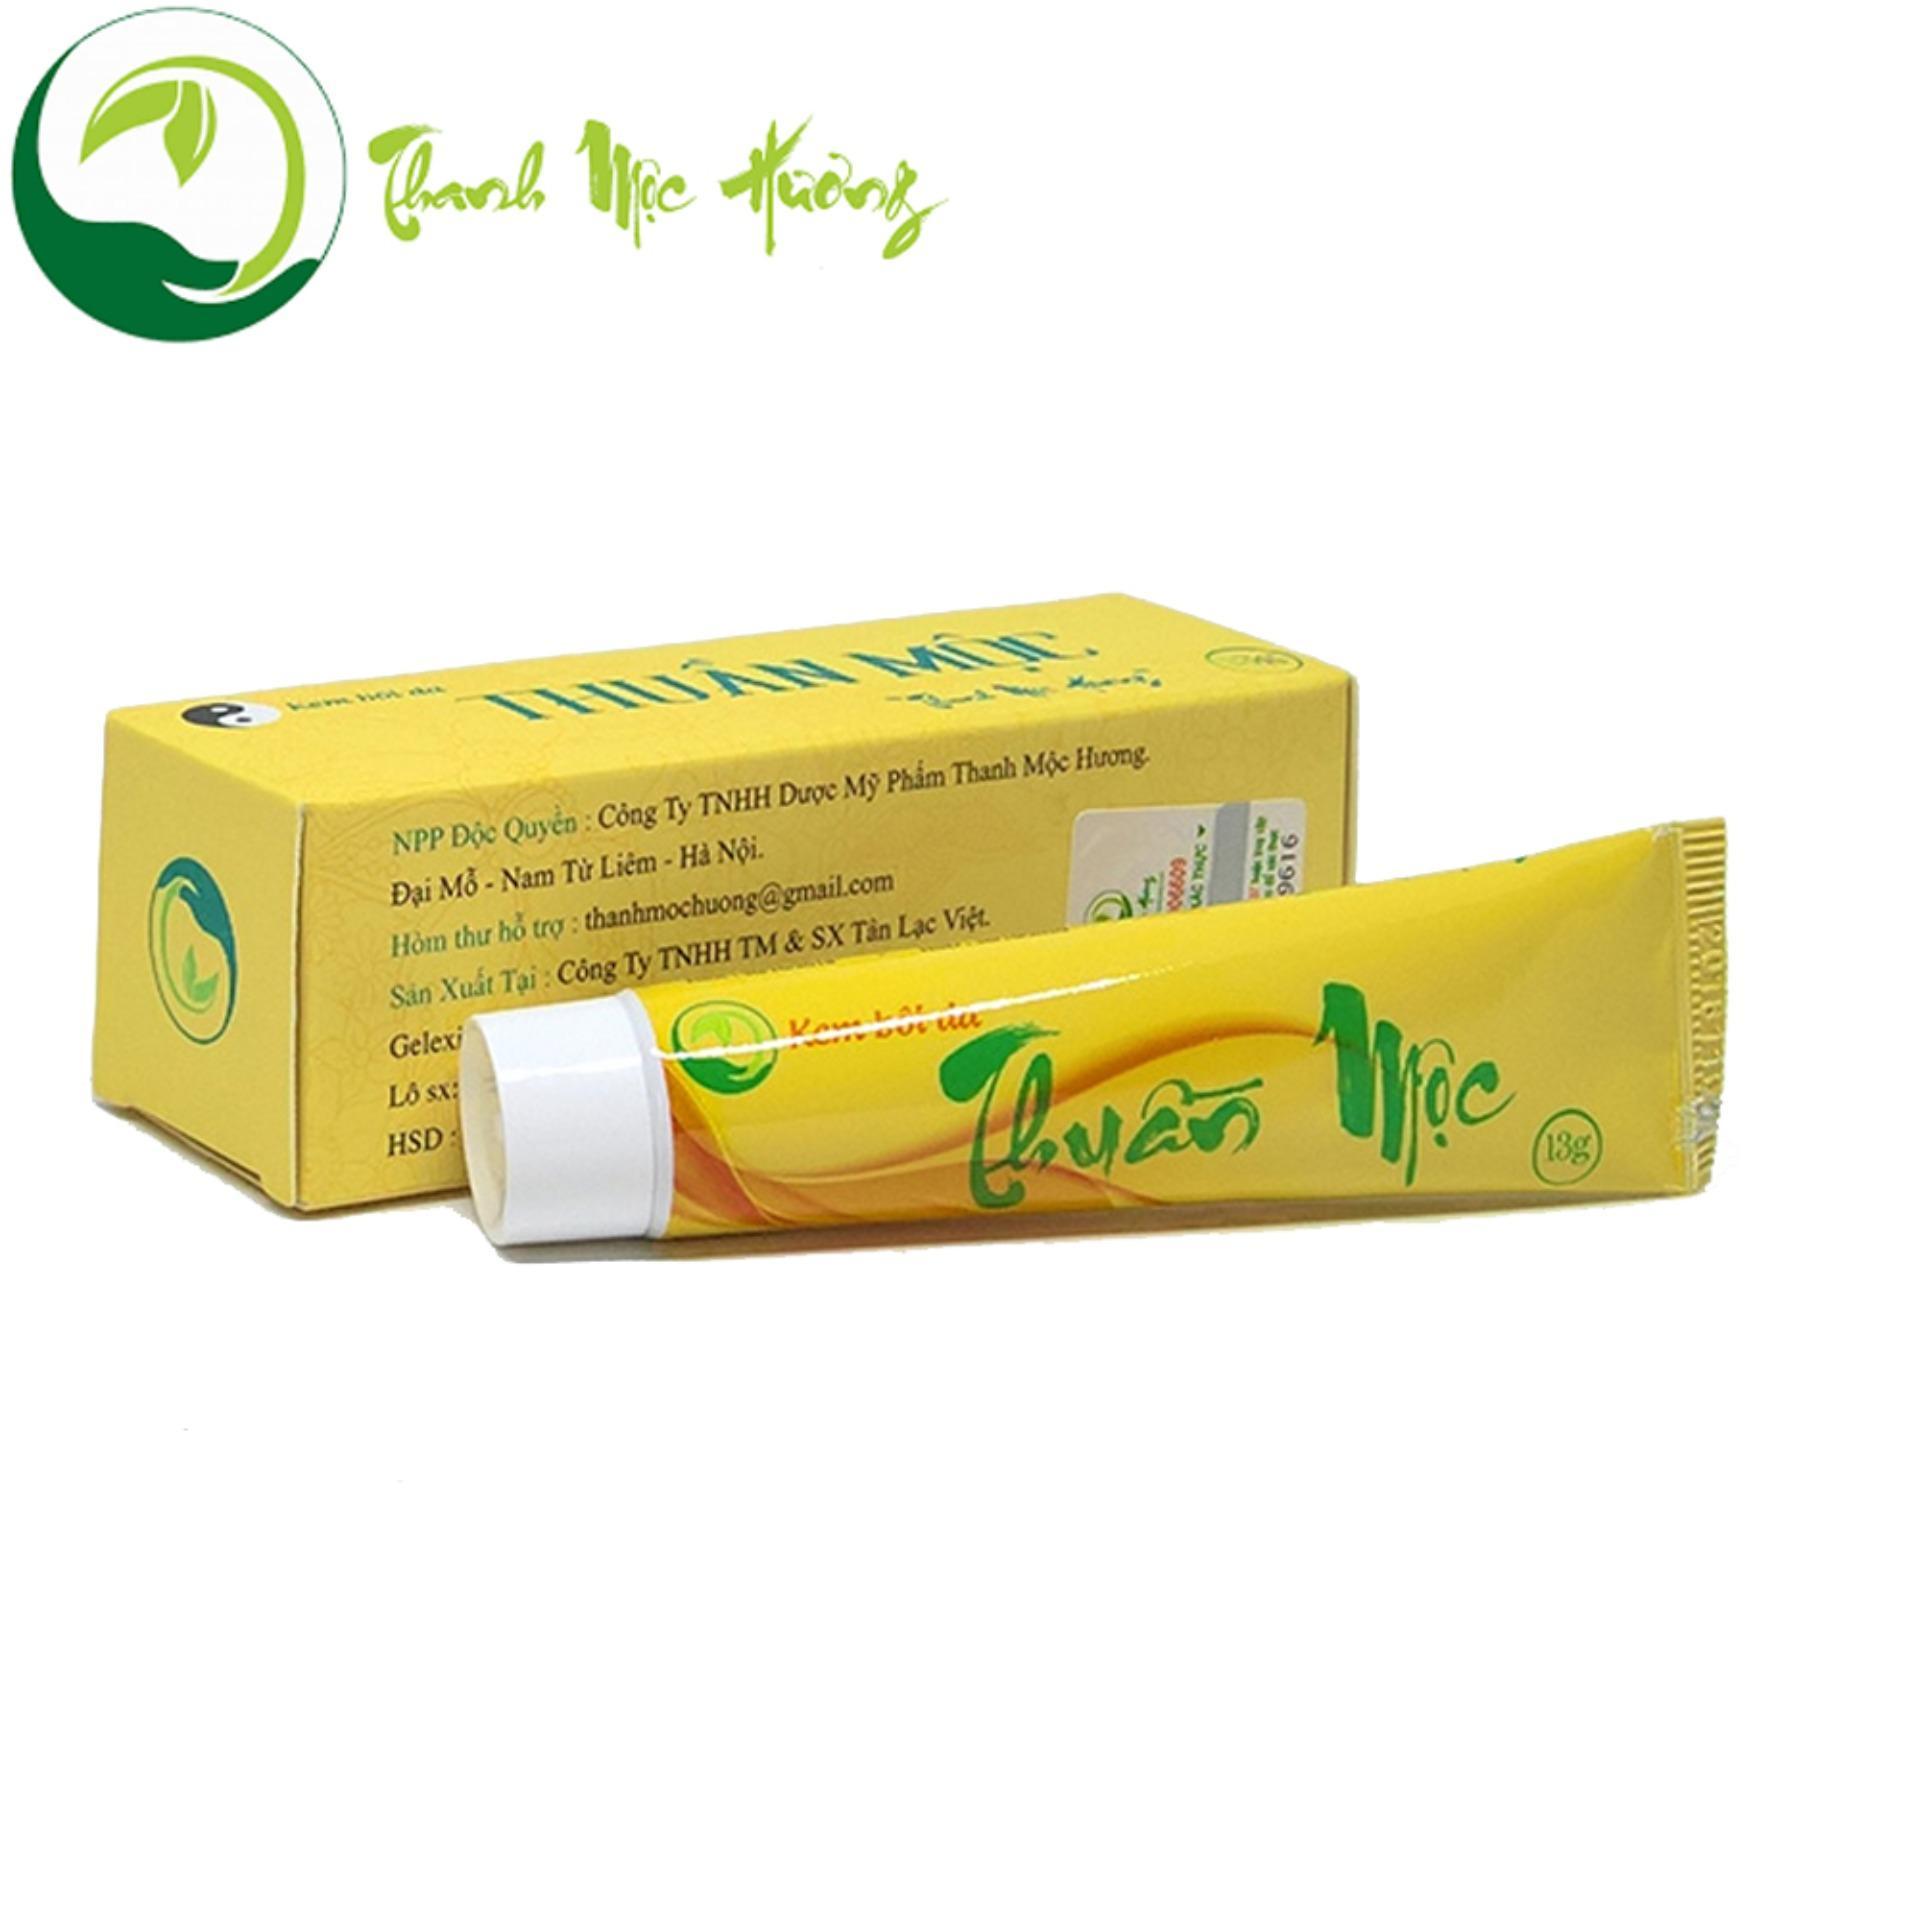 Thảo dược gia truyền đặc trị viêm da cơ địa / ngứa / nước ăn / côn trùng cắn Thanh Mộc Hương - Thuần Mộc nhập khẩu